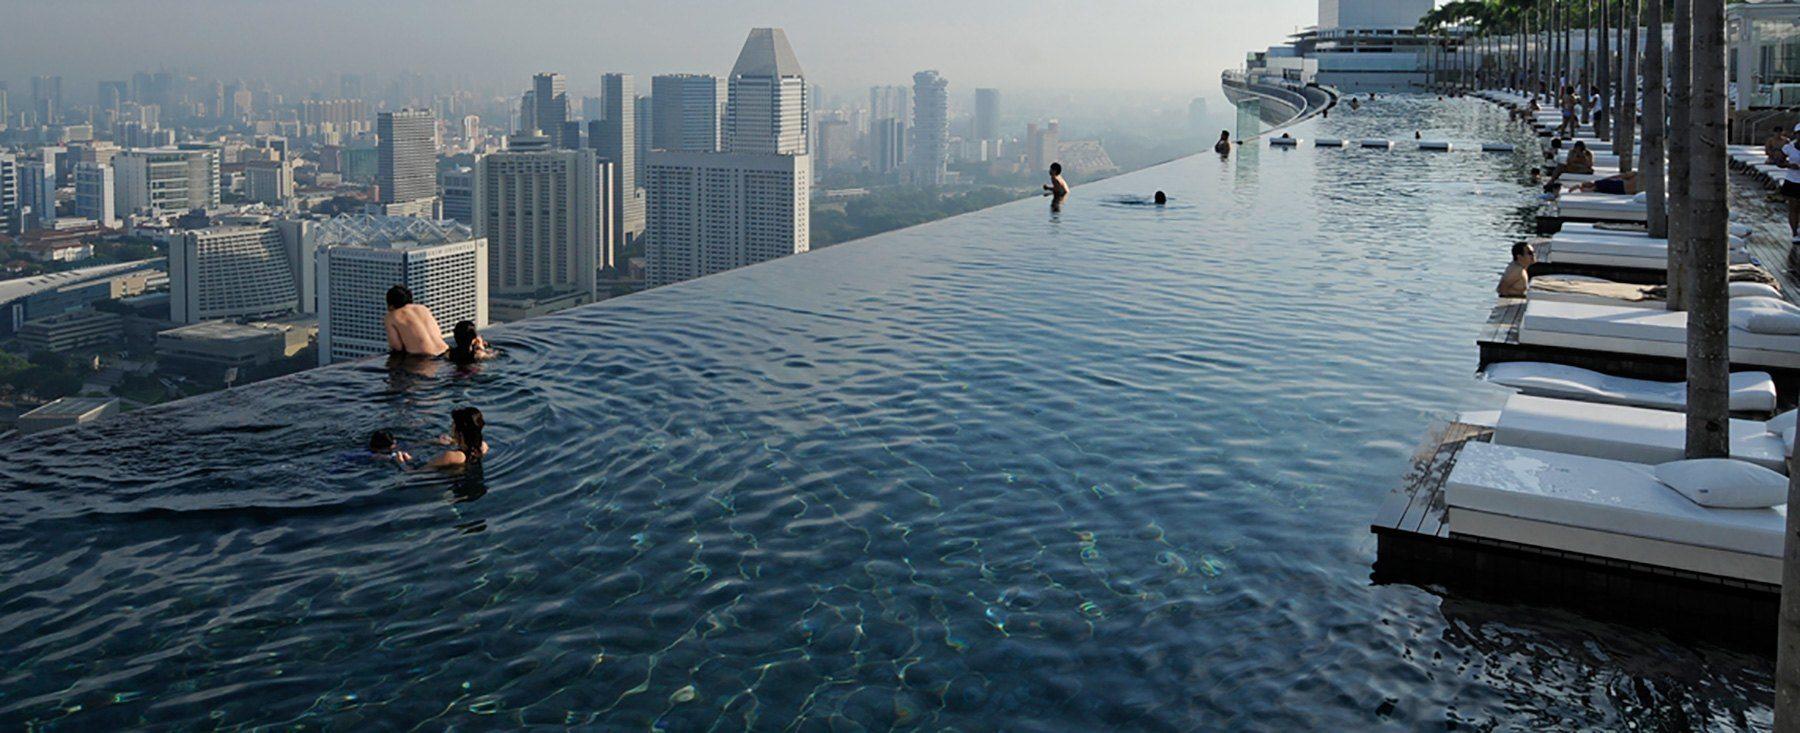 marina bay sands resort pool skyline - Conheça 12 dicas sobre piscinas e os 10 projetos mais fascinantes